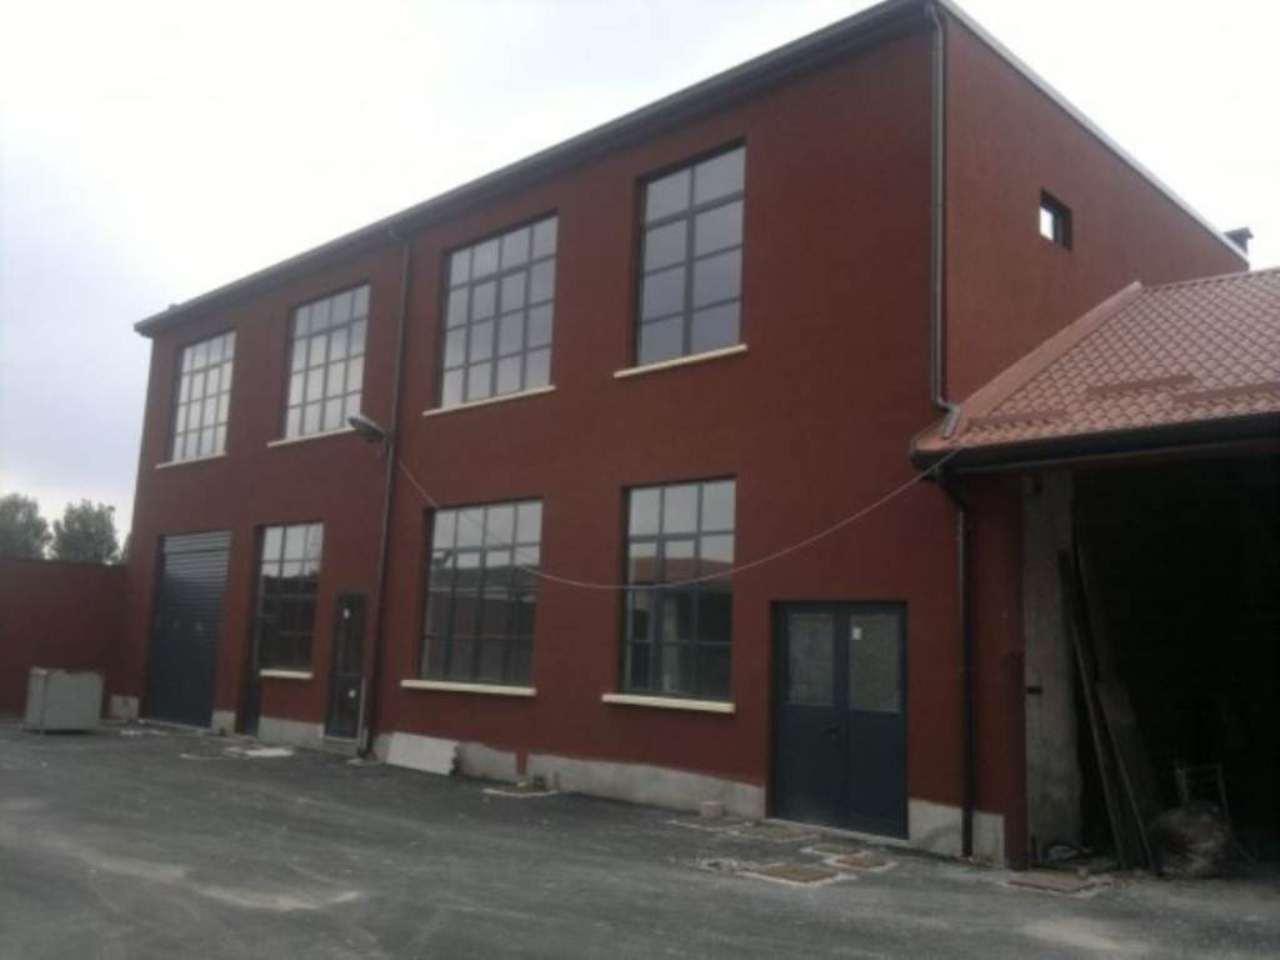 Laboratorio in vendita a Monza, 1 locali, zona Zona: 4 . Regina Pacis, San Donato, prezzo € 110.000 | Cambio Casa.it